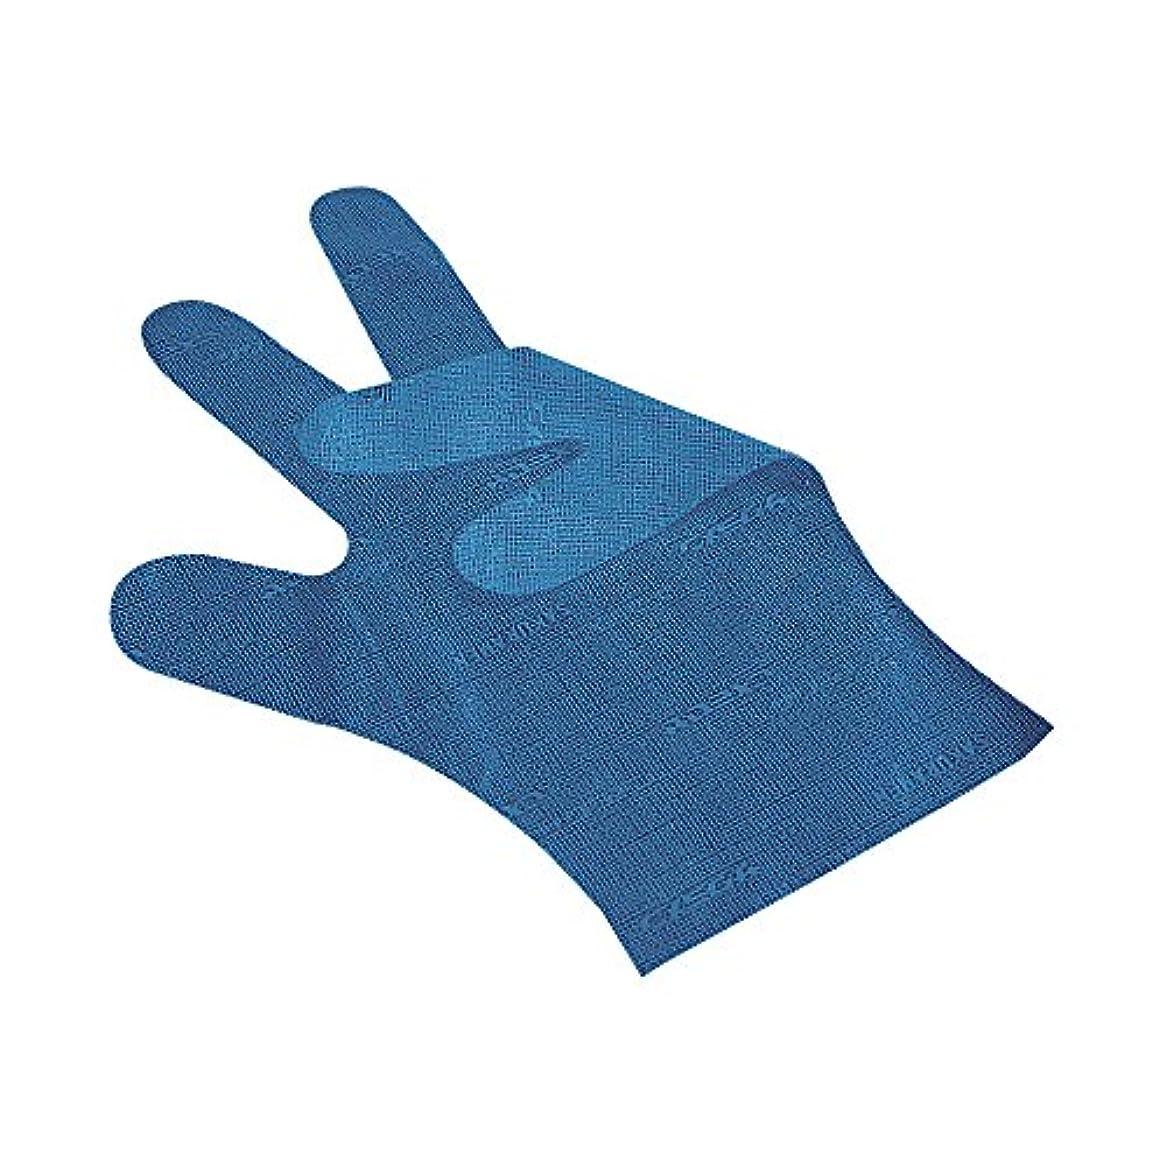 風付添人精巧なサクラメンエンボス手袋 デラックス ブルー S 100枚入